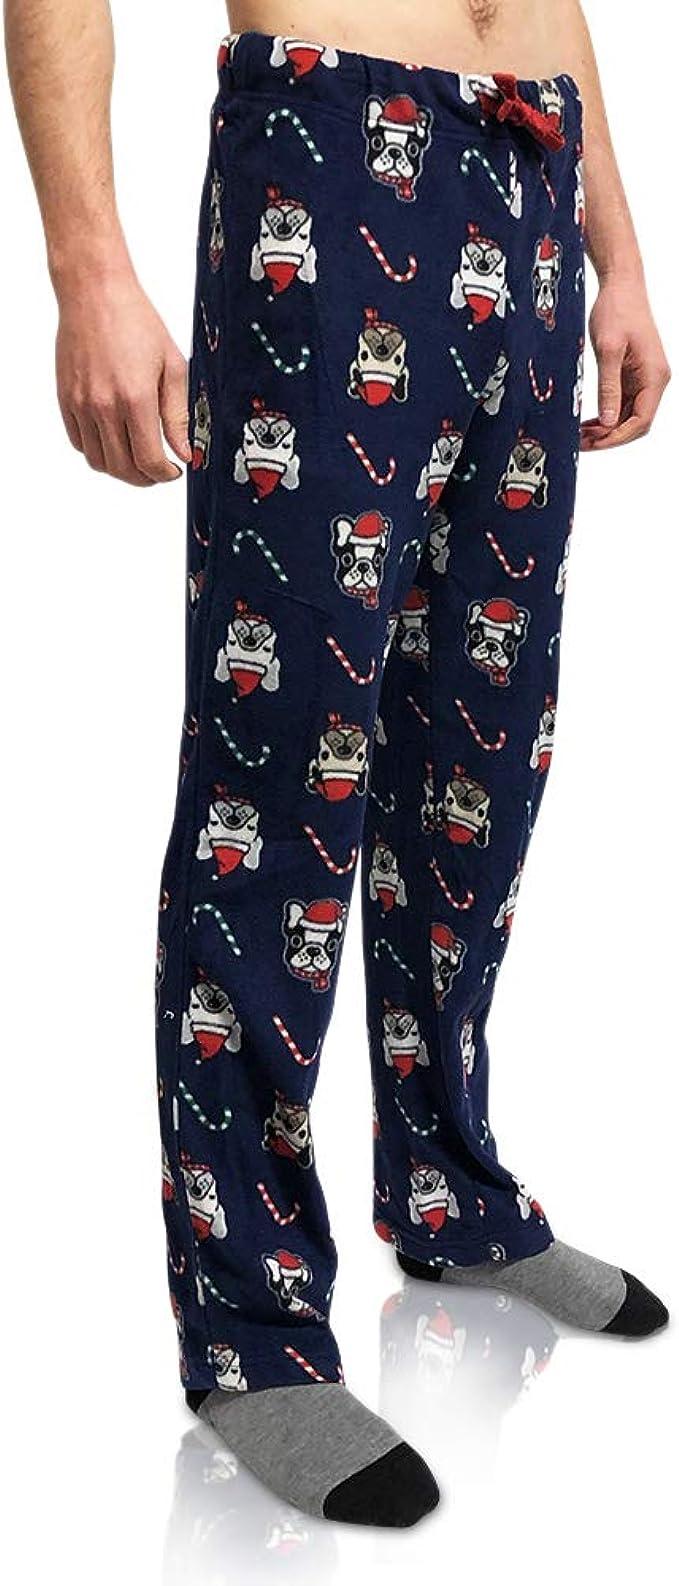 Amazon.com: Boys Quarantine Pajamas Sweatpants Micro Fleece Pajamas Pj  Sleep Bottoms Lounge Pajama Pants for Boys: Clothing